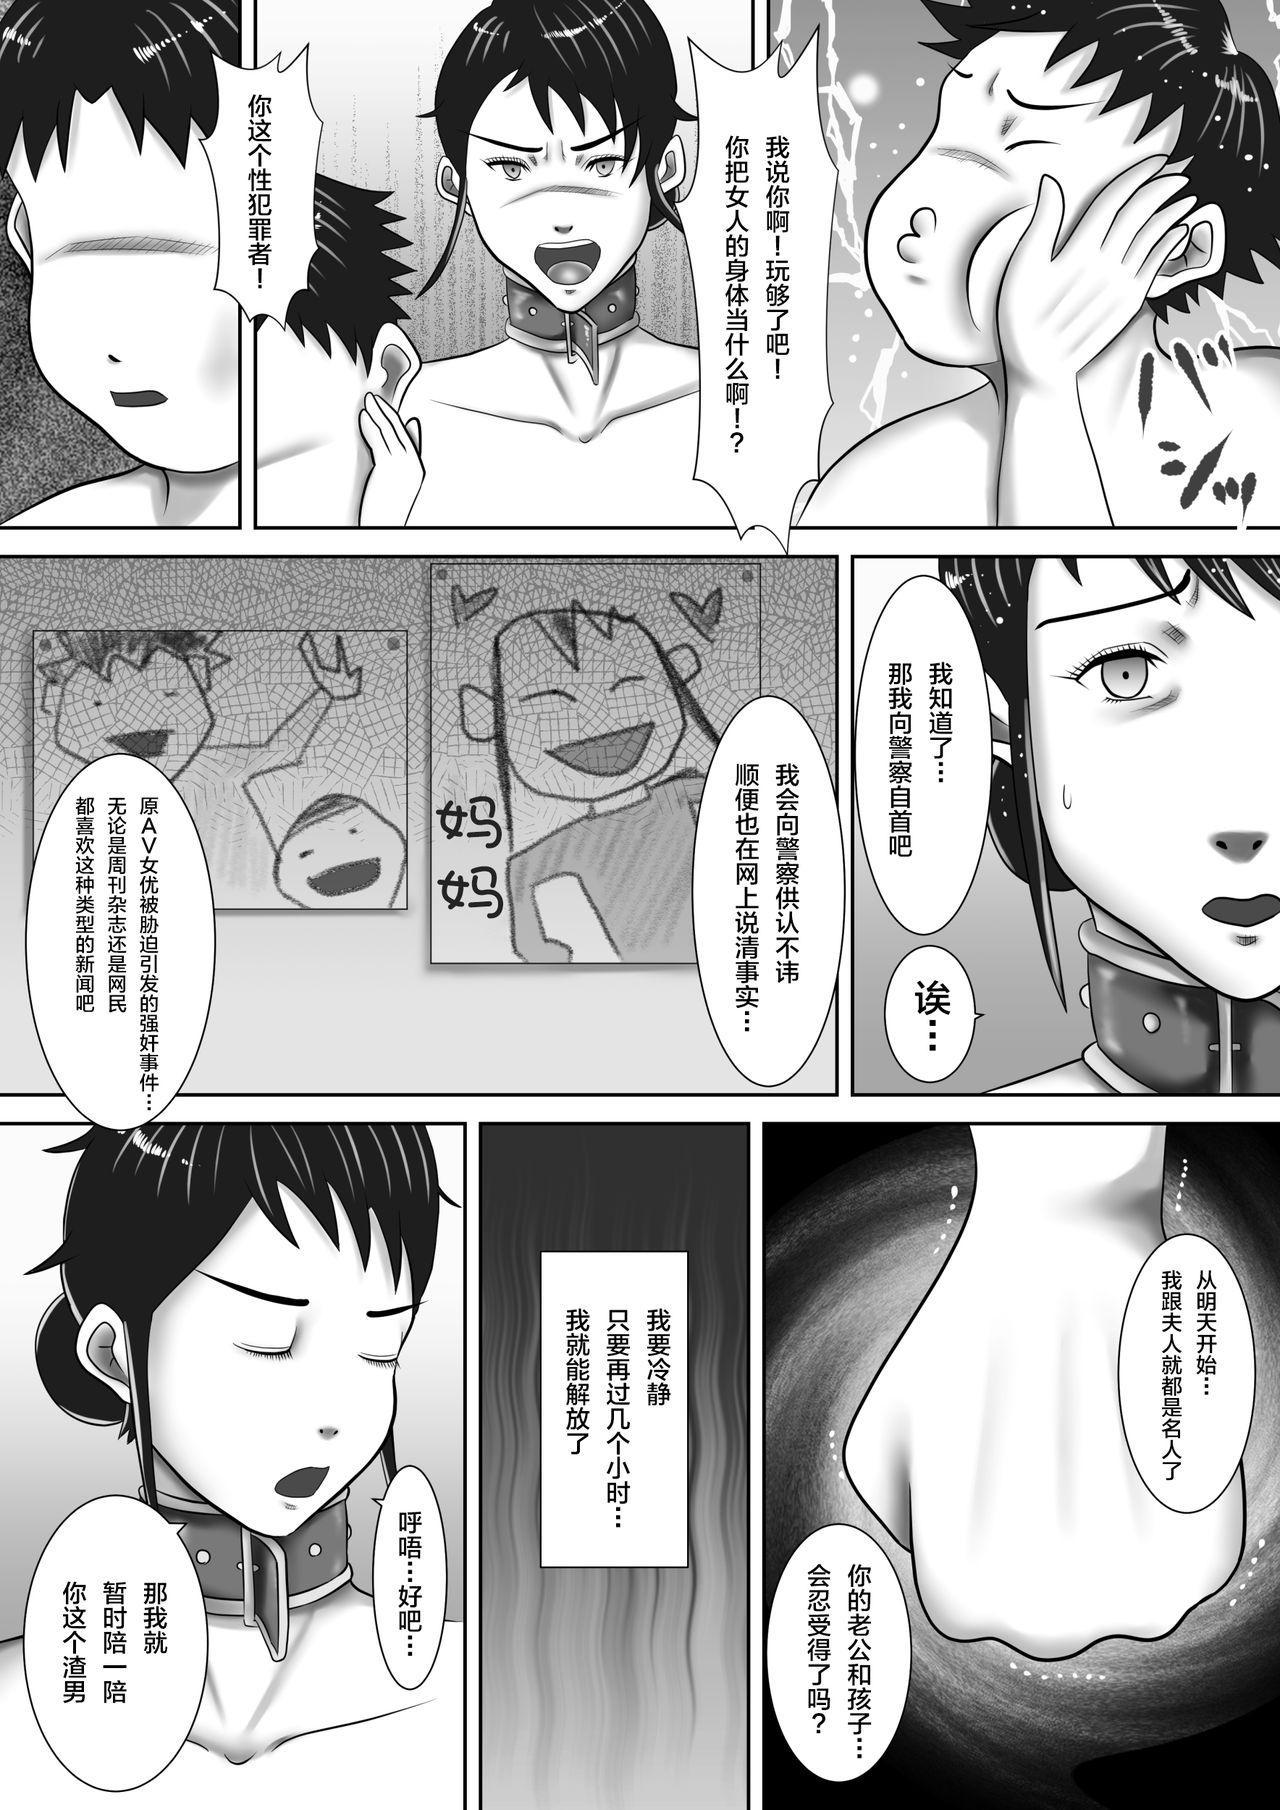 Jitaku de Netorareta Kachiki na Hitozuma 23